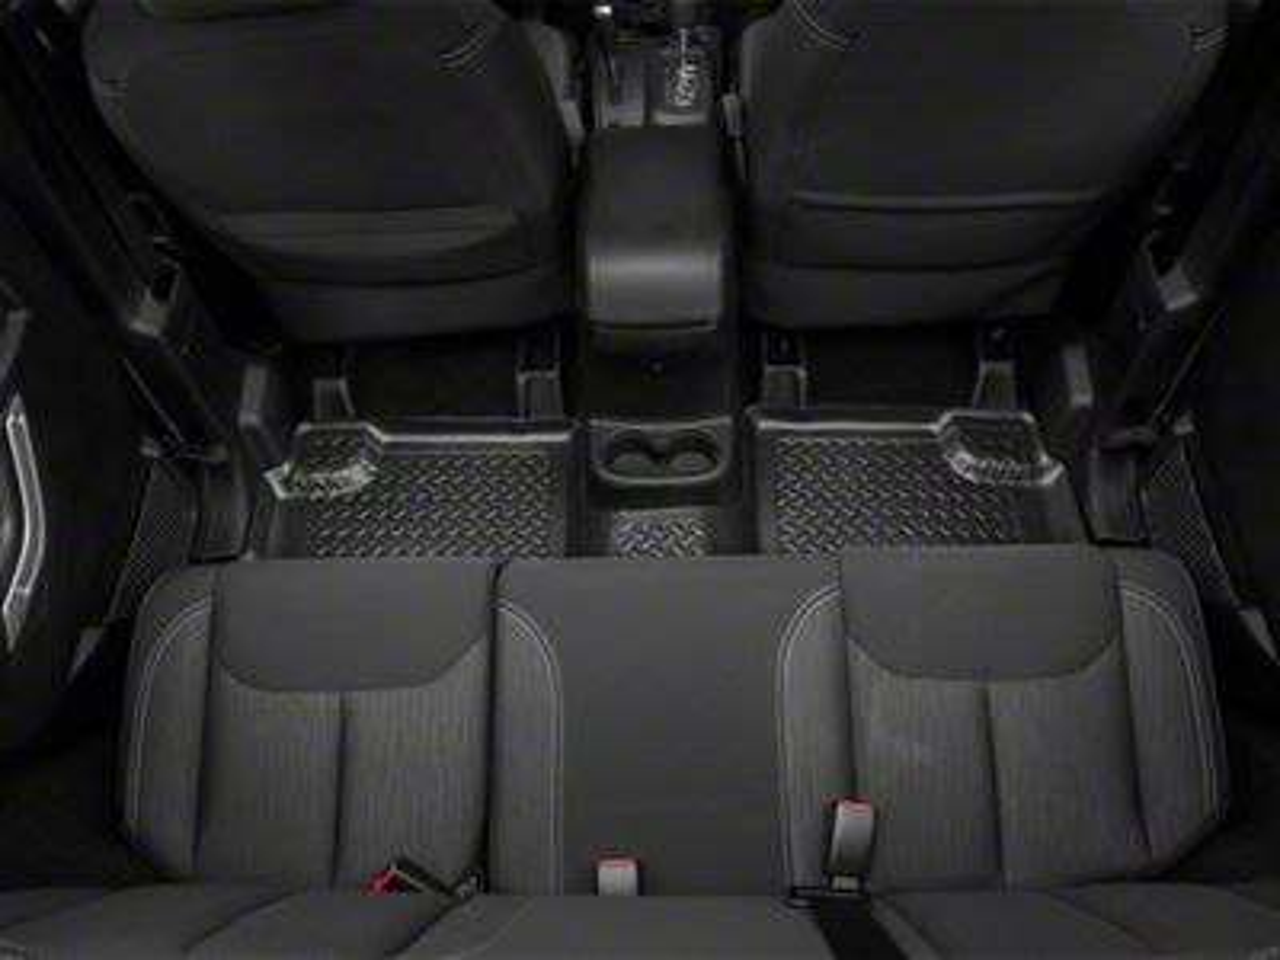 Husky Rear Floor Liner (11-13 Jeep Wrangler JK 4 Door)